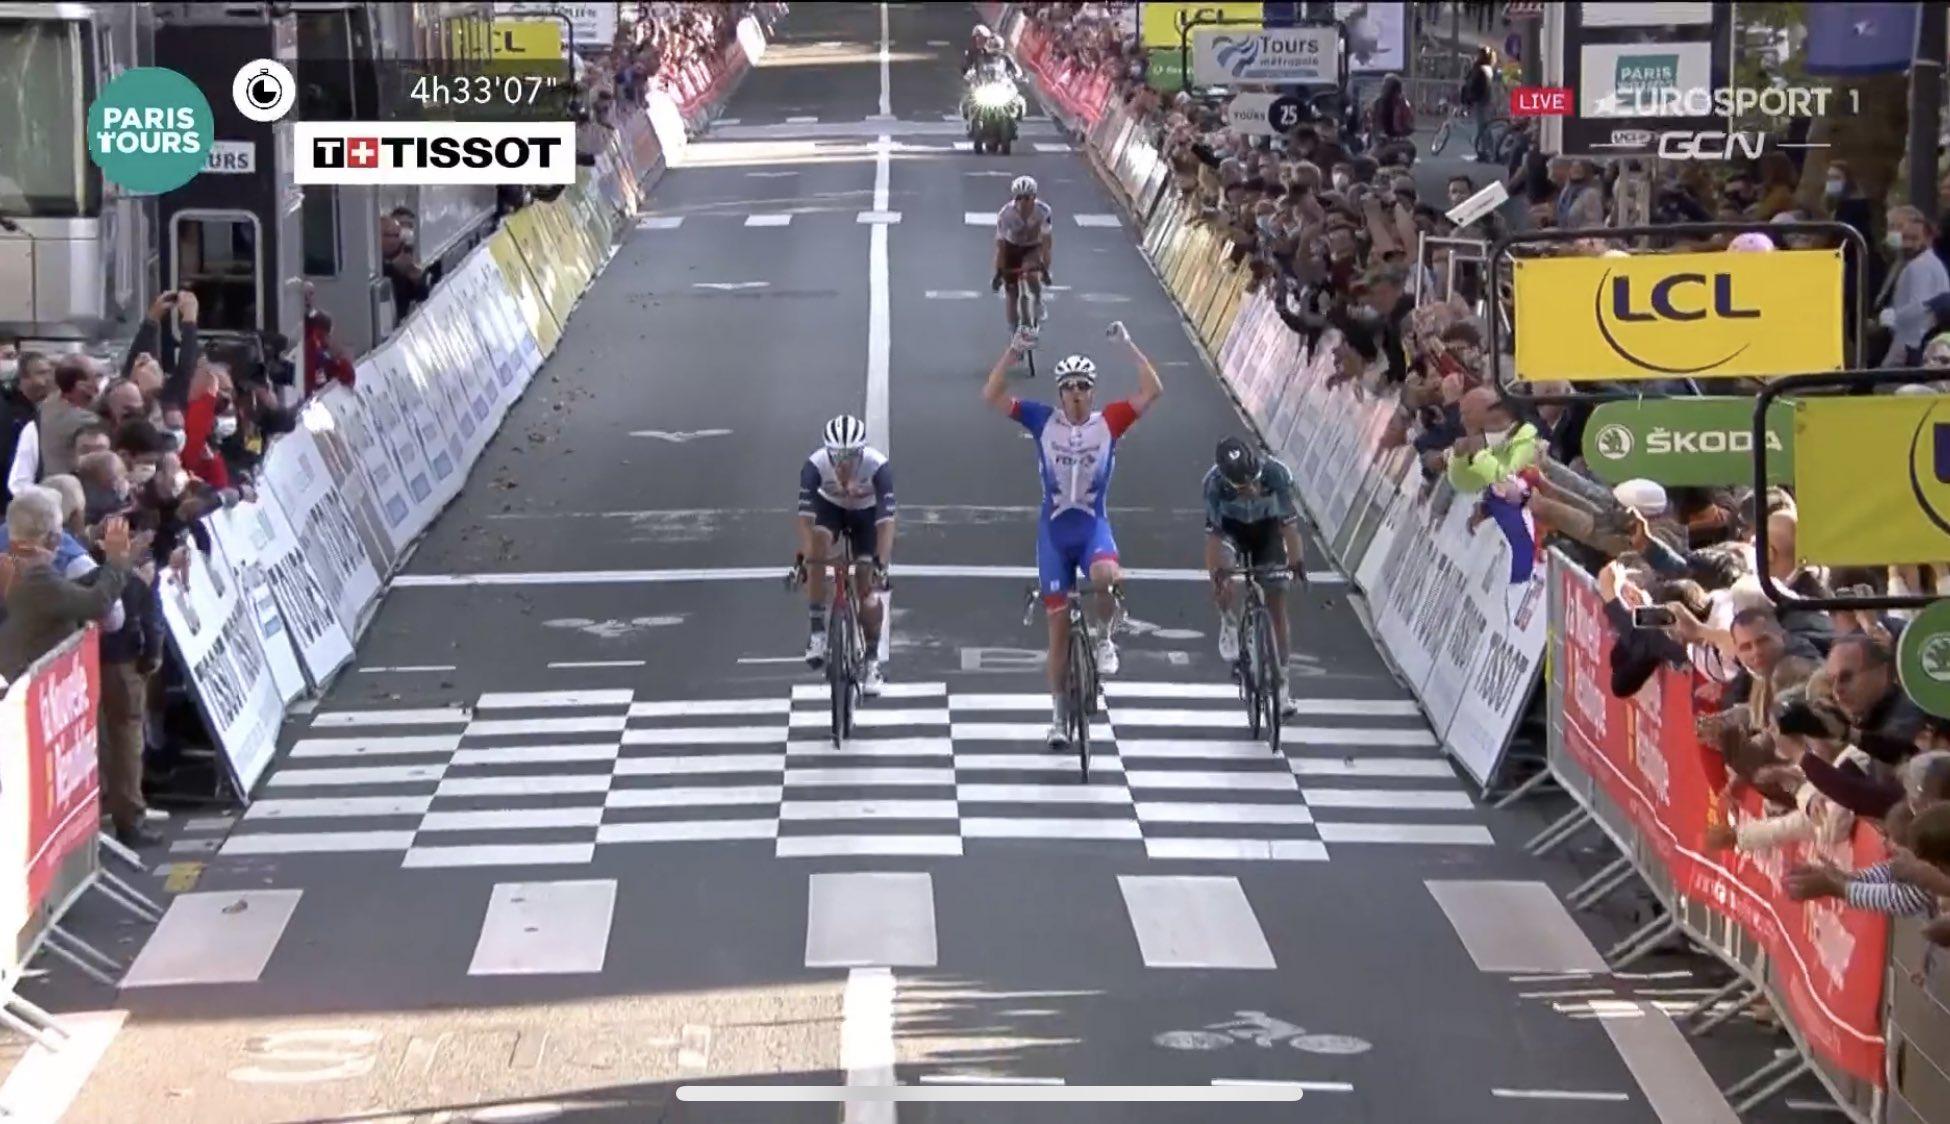 FBWGHXRWYAIpf4c?format=jpg&name=large - Arnaud Démare se lleva la Paris - Tours 2021 con valentía y al ataque